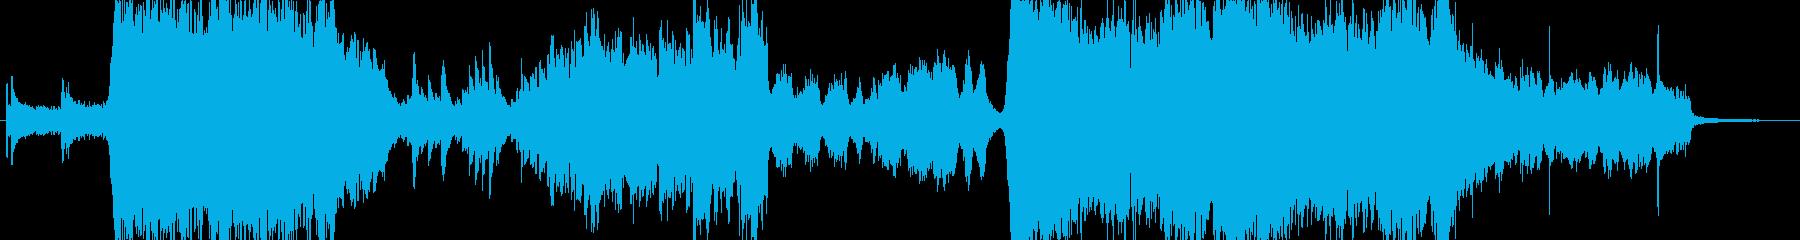 映画のメインテーマのようなオーケストラ曲の再生済みの波形